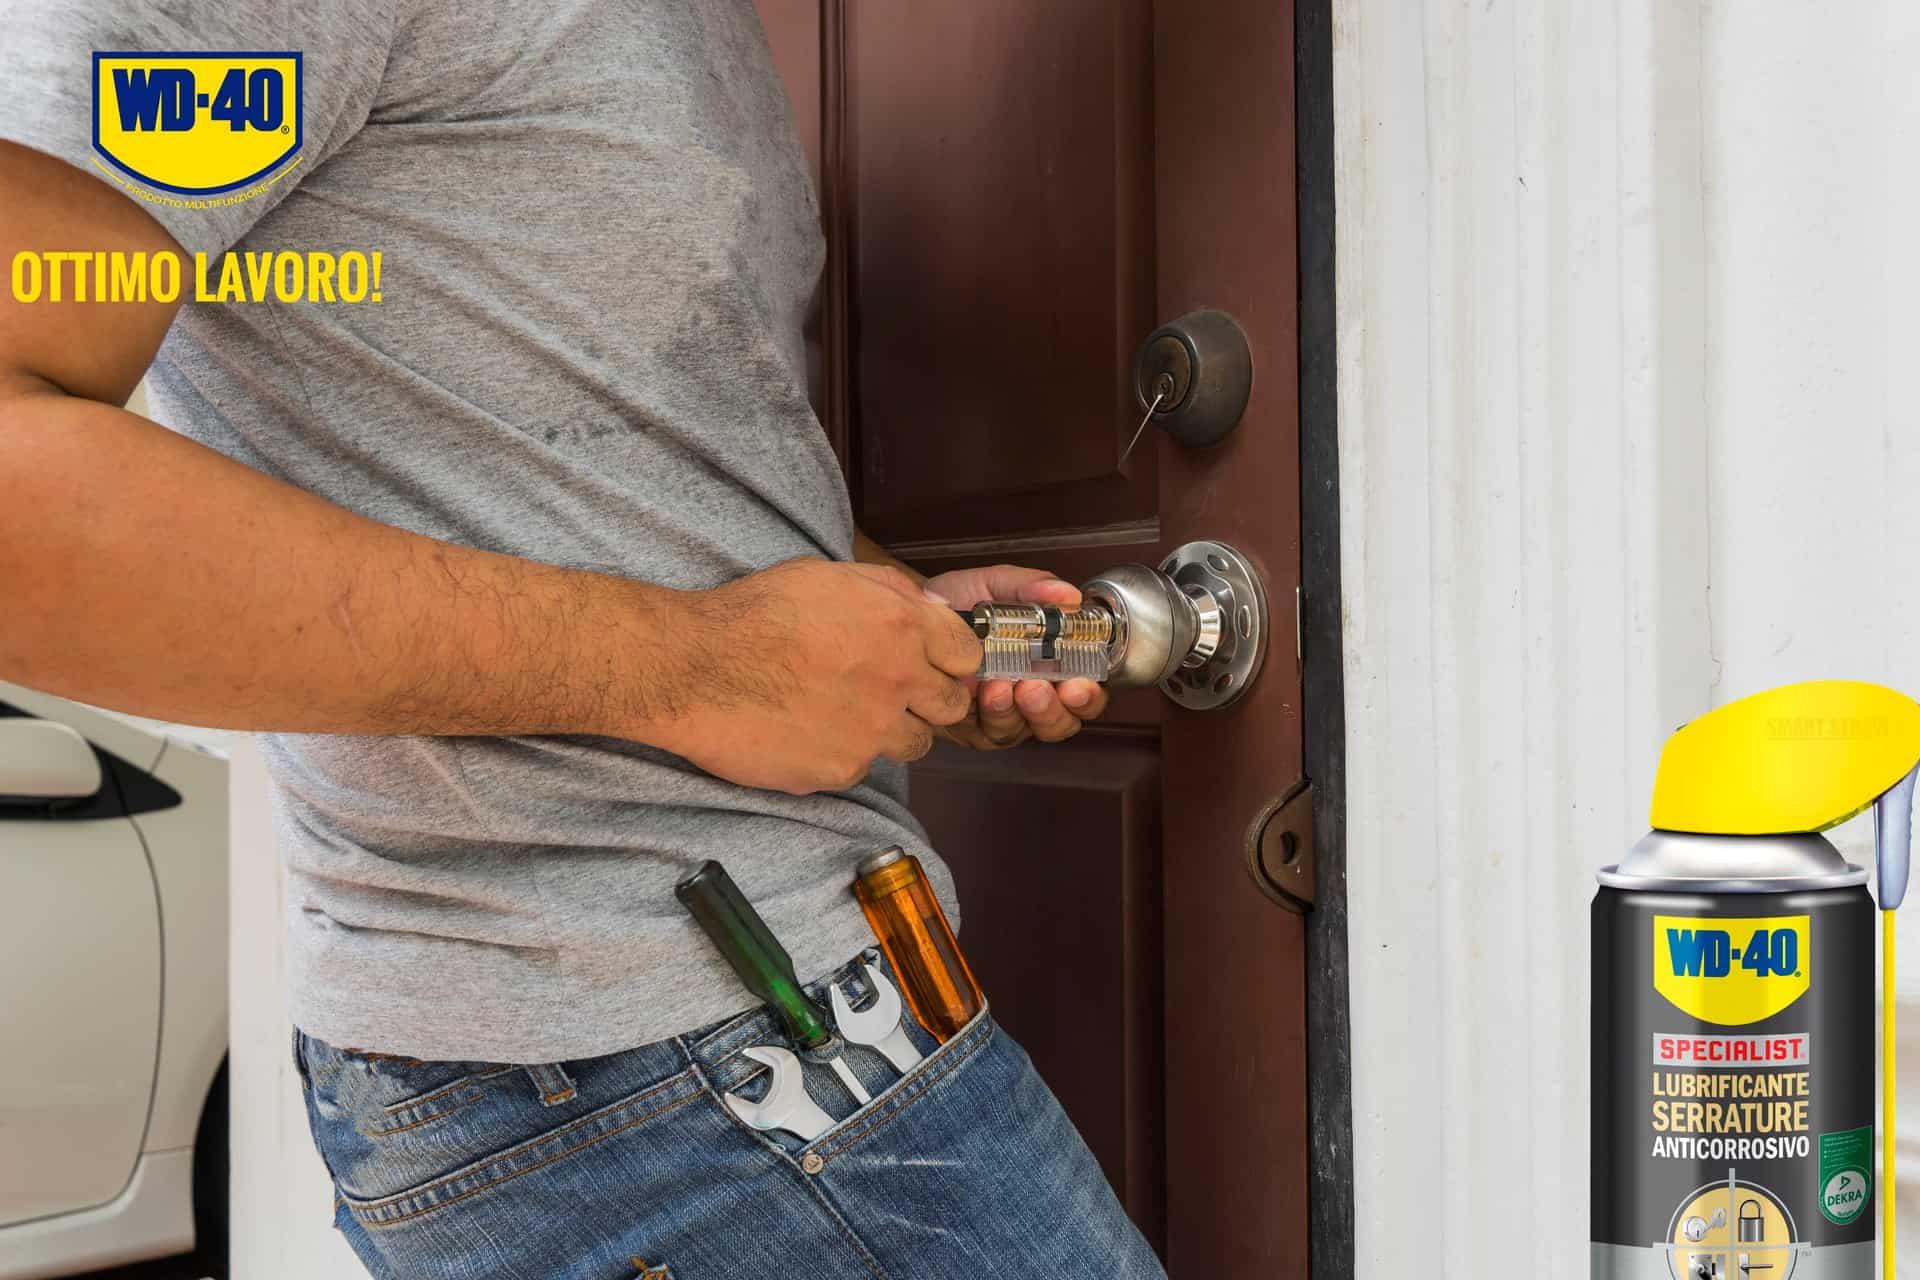 serrature bloccate